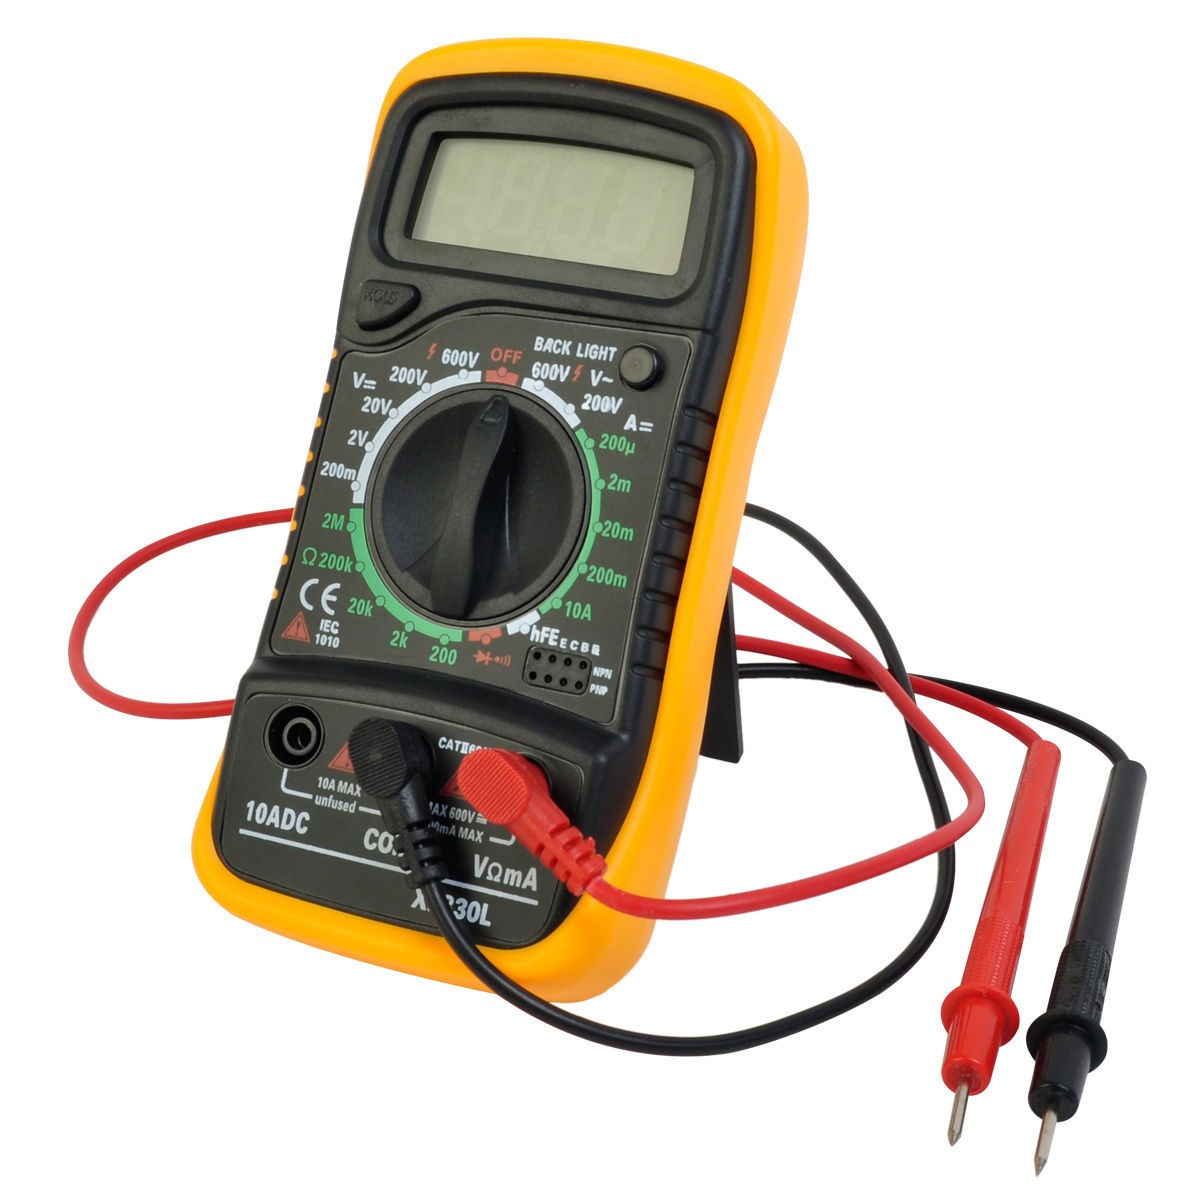 Ac Dc Digital Voltmeter Kit : Digital voltmeter ammeter ohmmeter multimeter volt ac dc